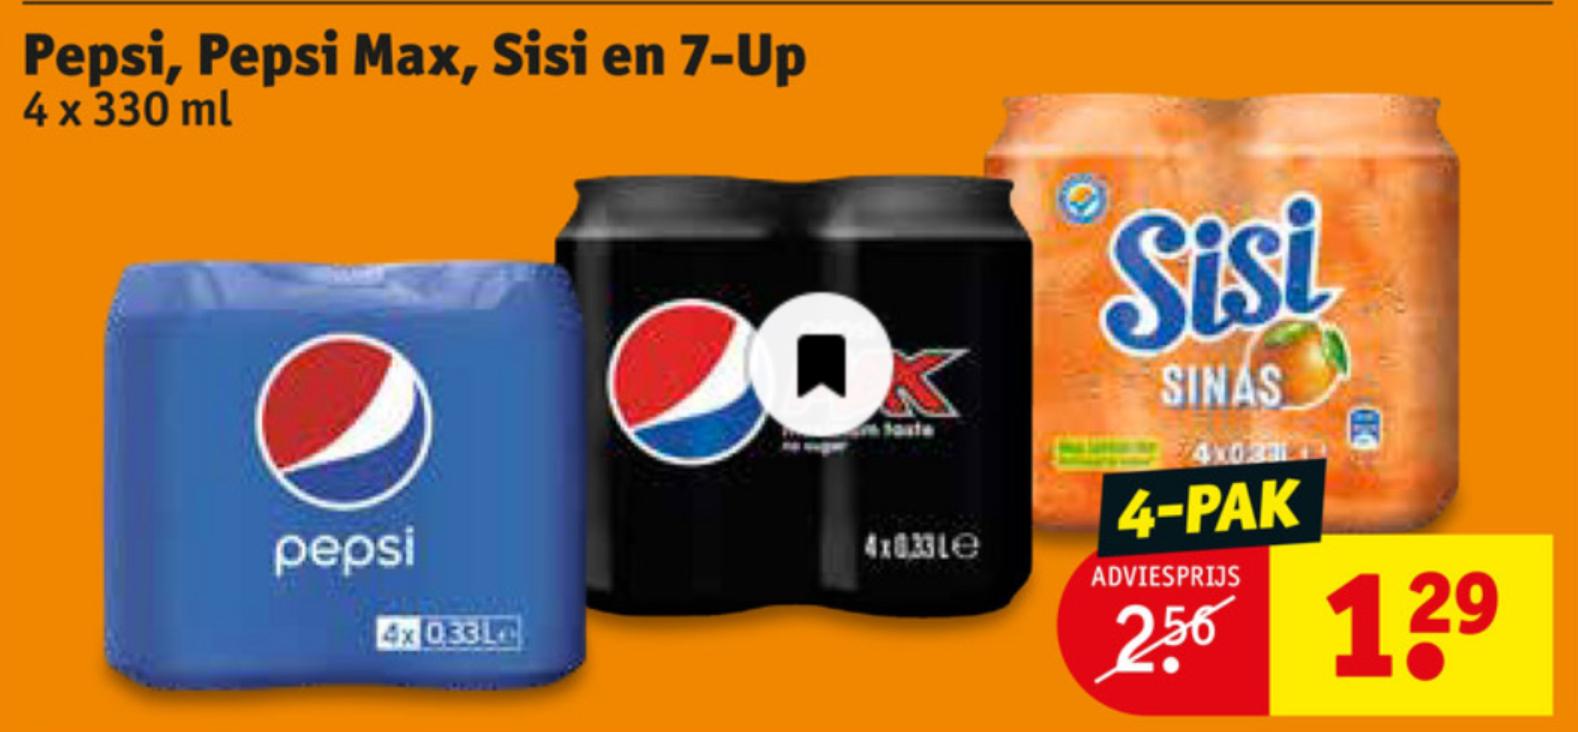 4 blikken Pepsi of Sisi